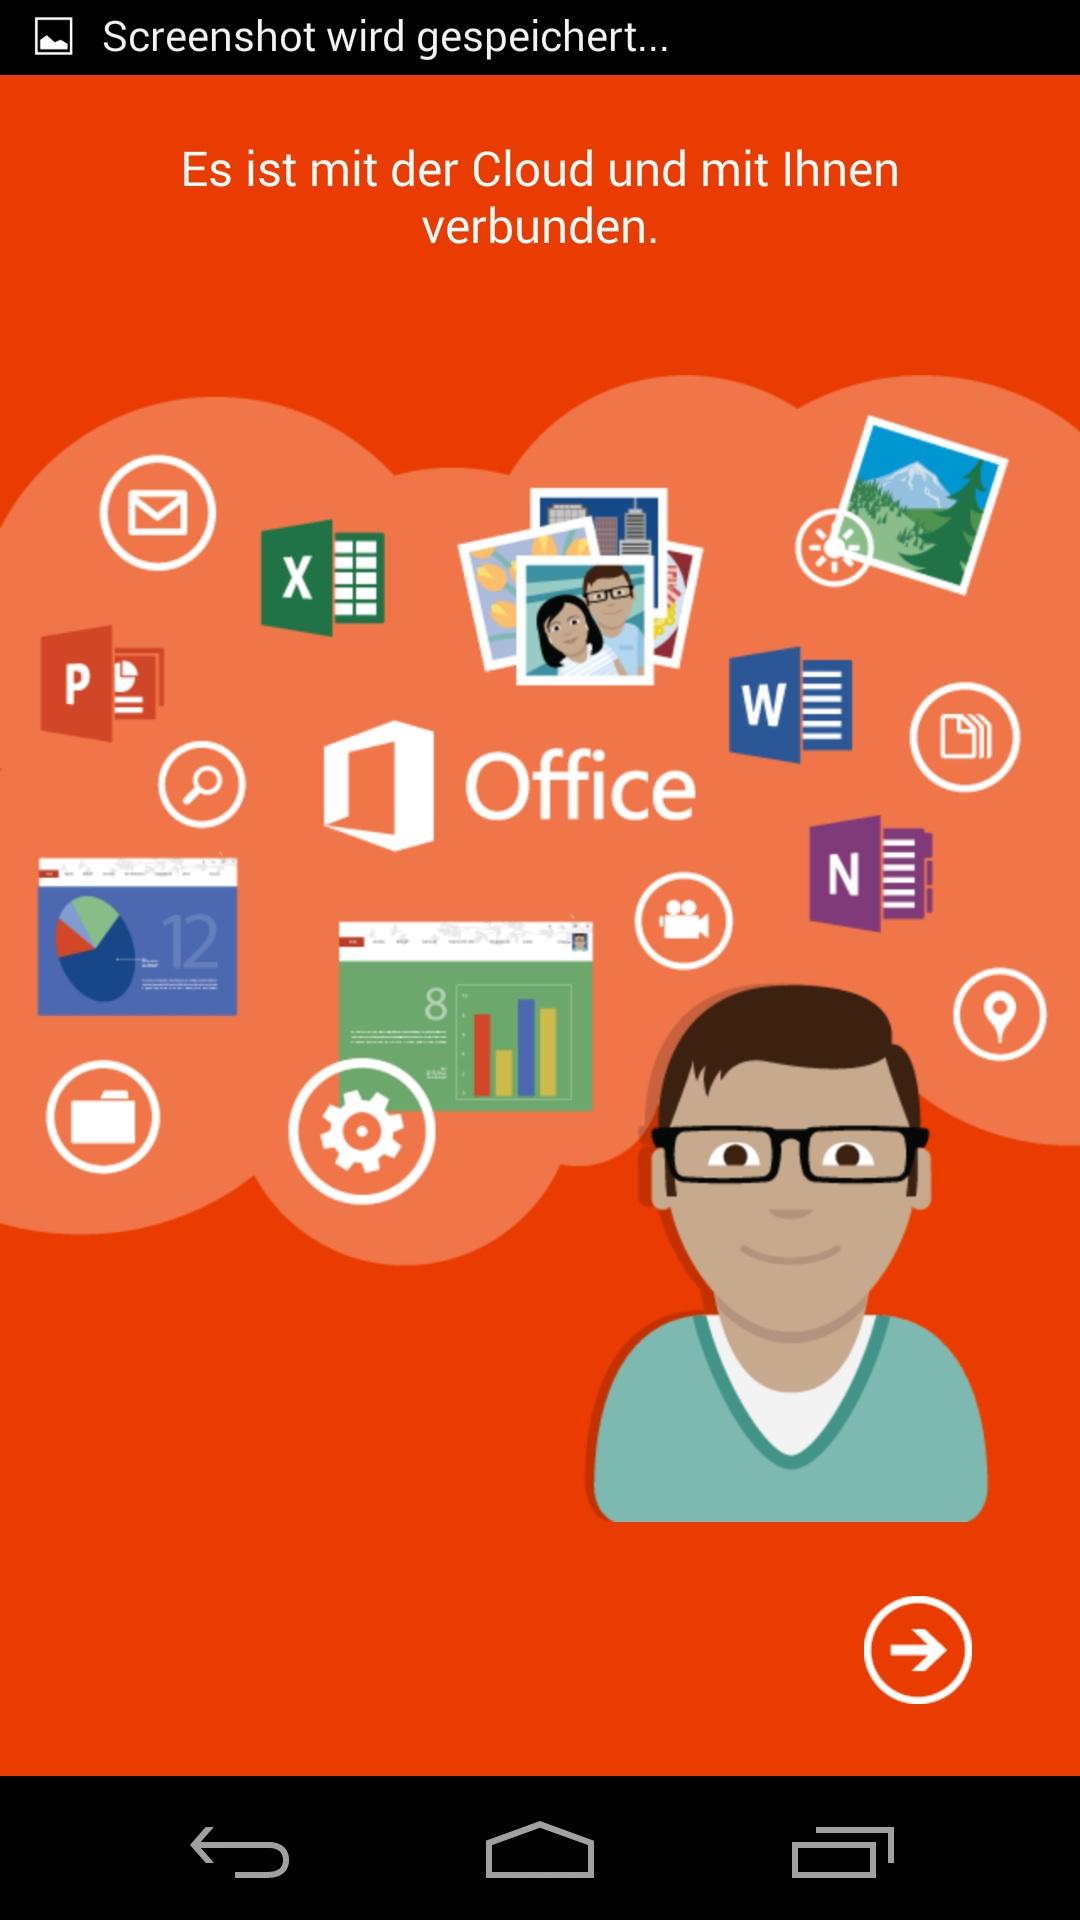 Fein Ms Office Zugriffsvorlagen Ideen - Beispiel Business Lebenslauf ...